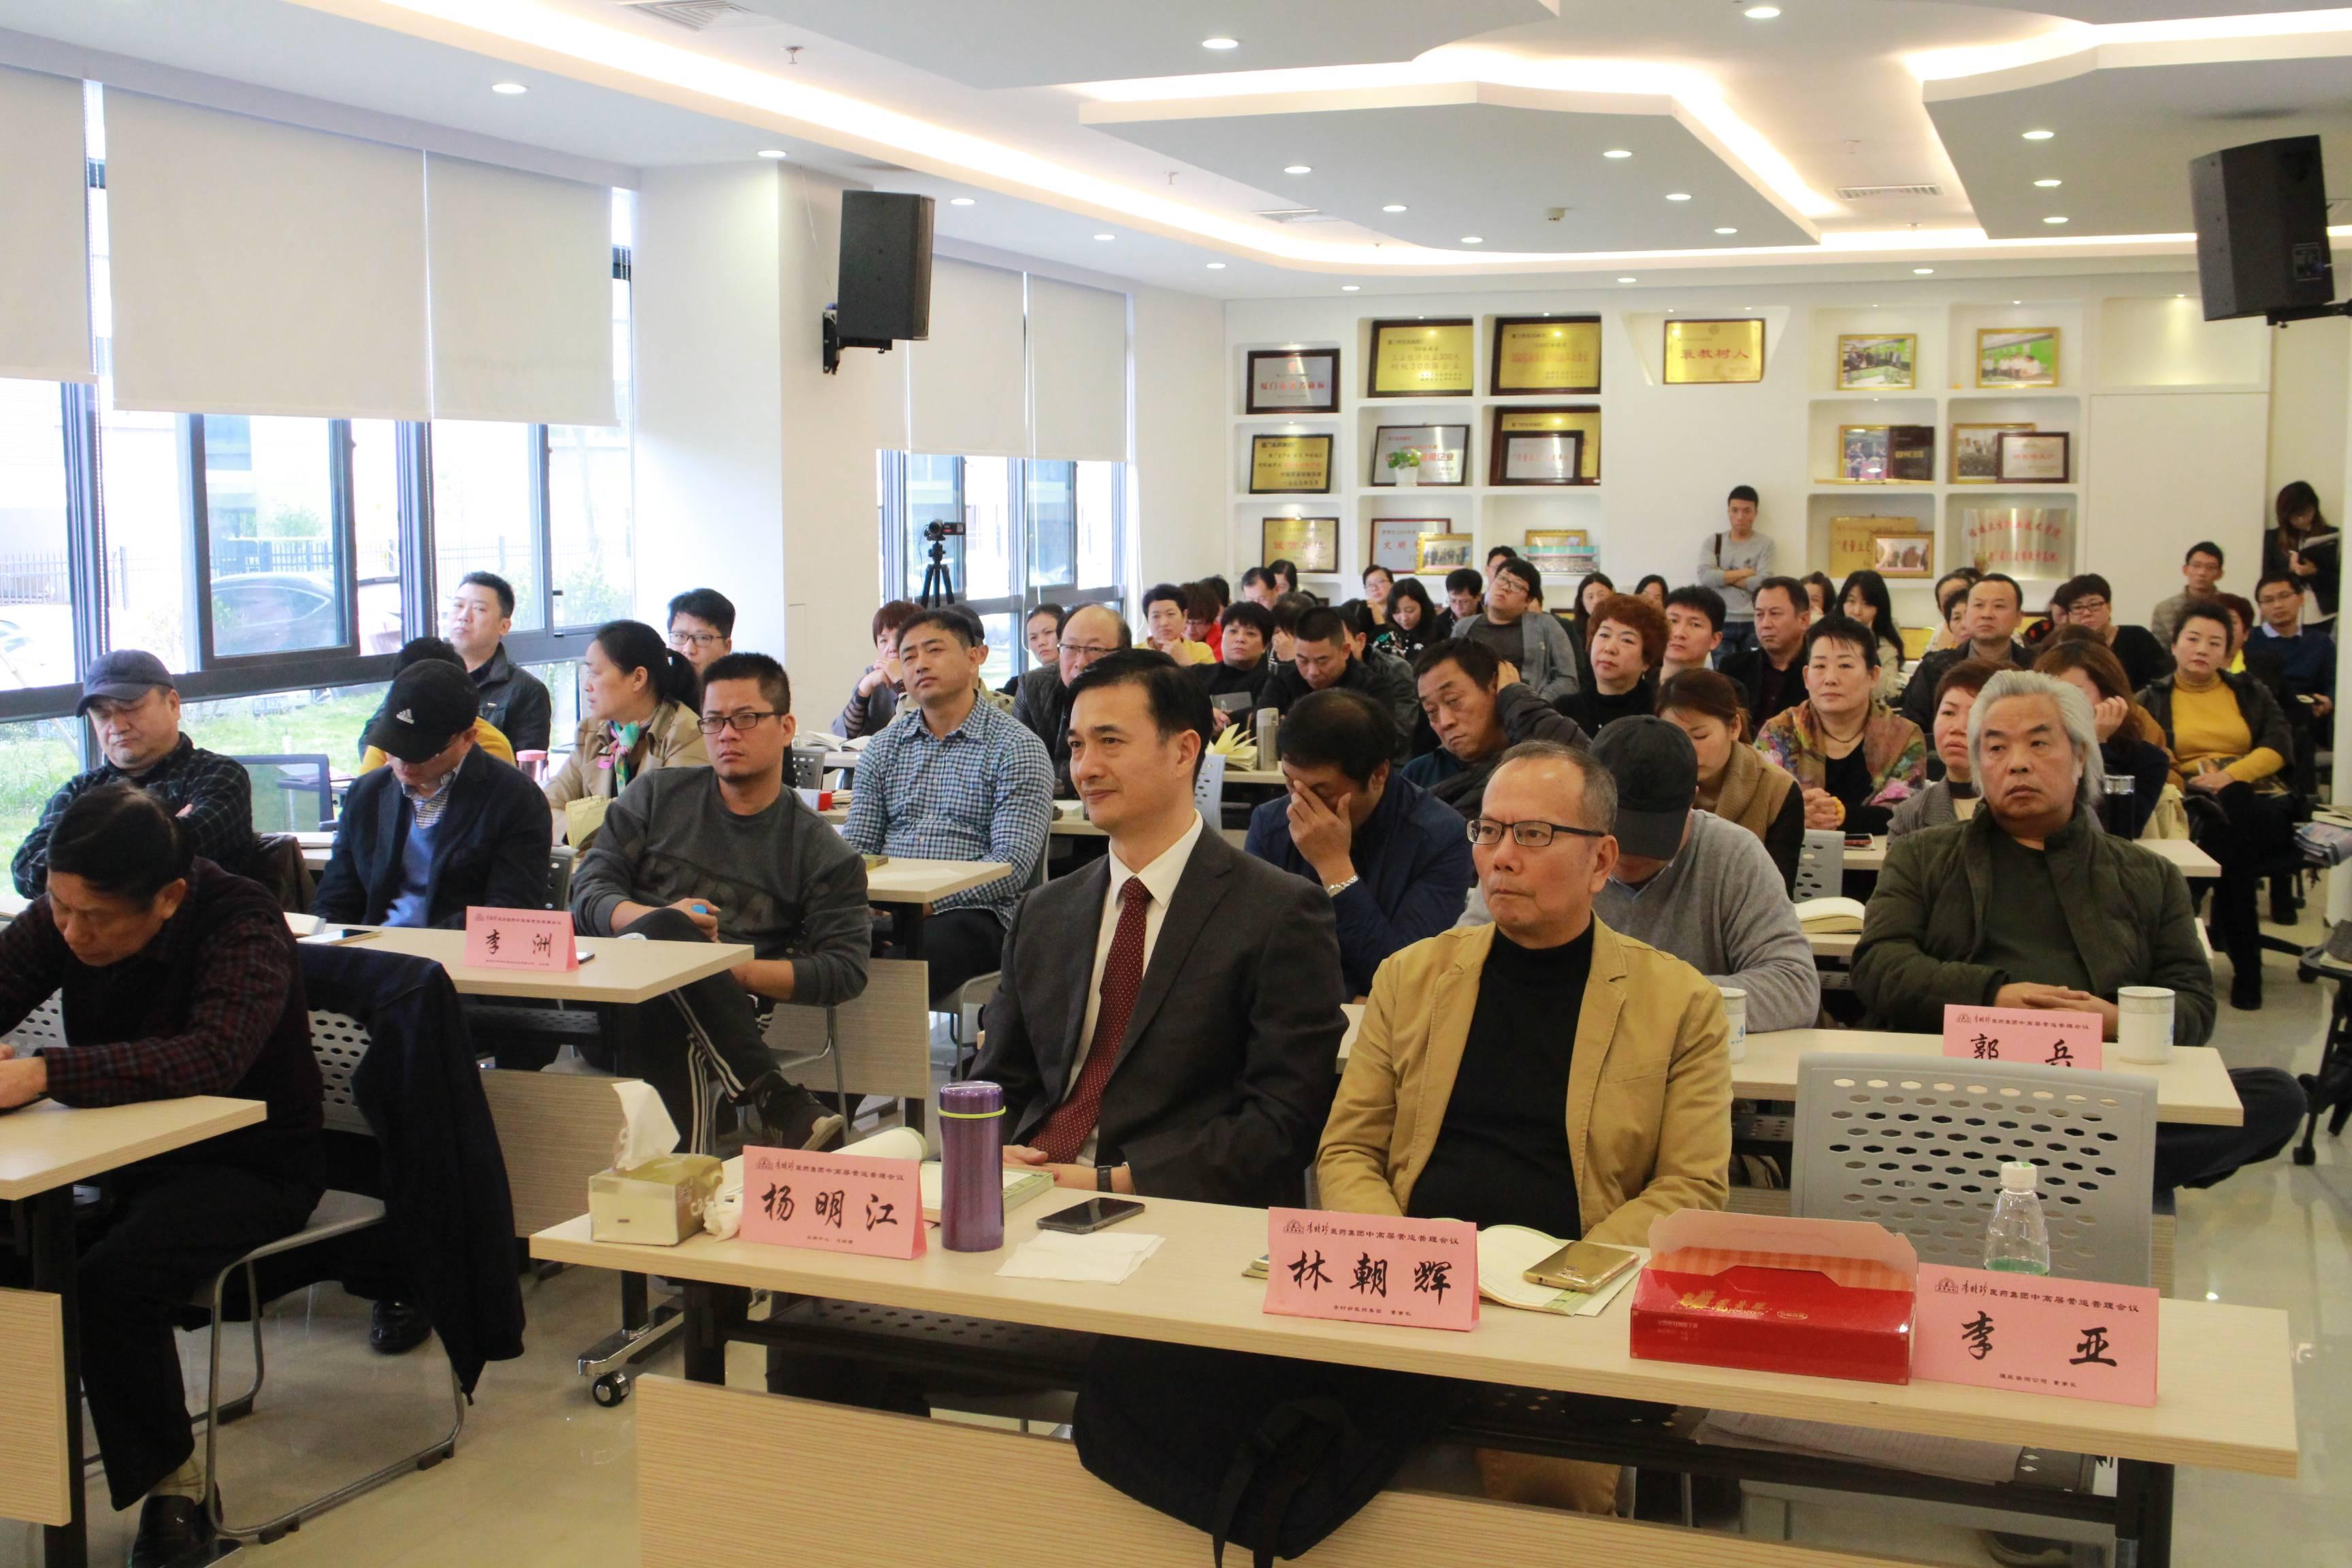 国家会计学院马永义教授解读财务报表